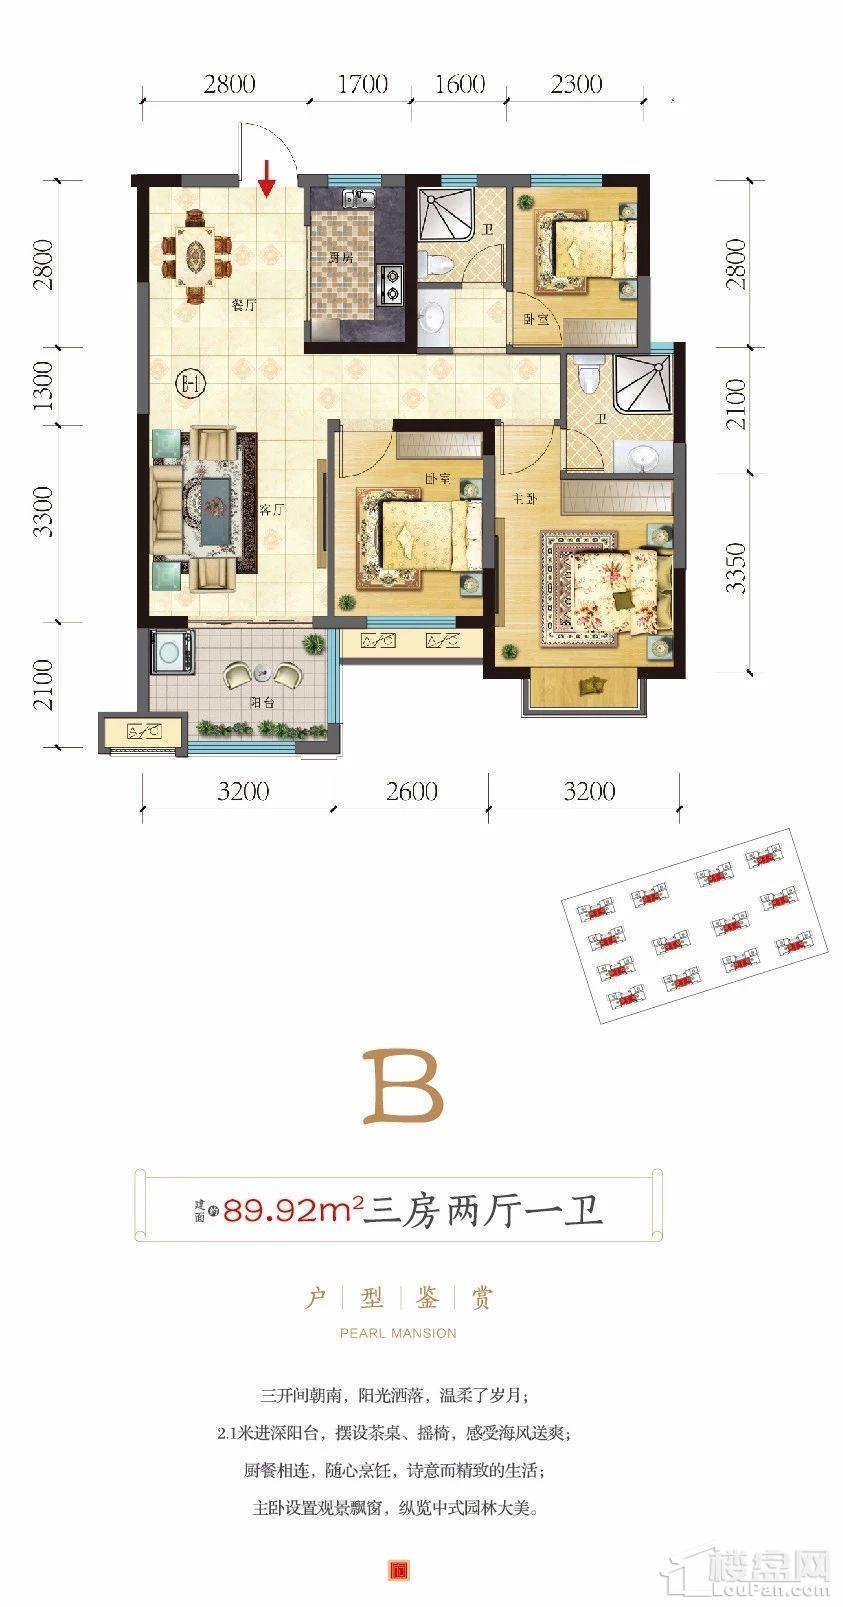 东投海玥府-北海楼盘网